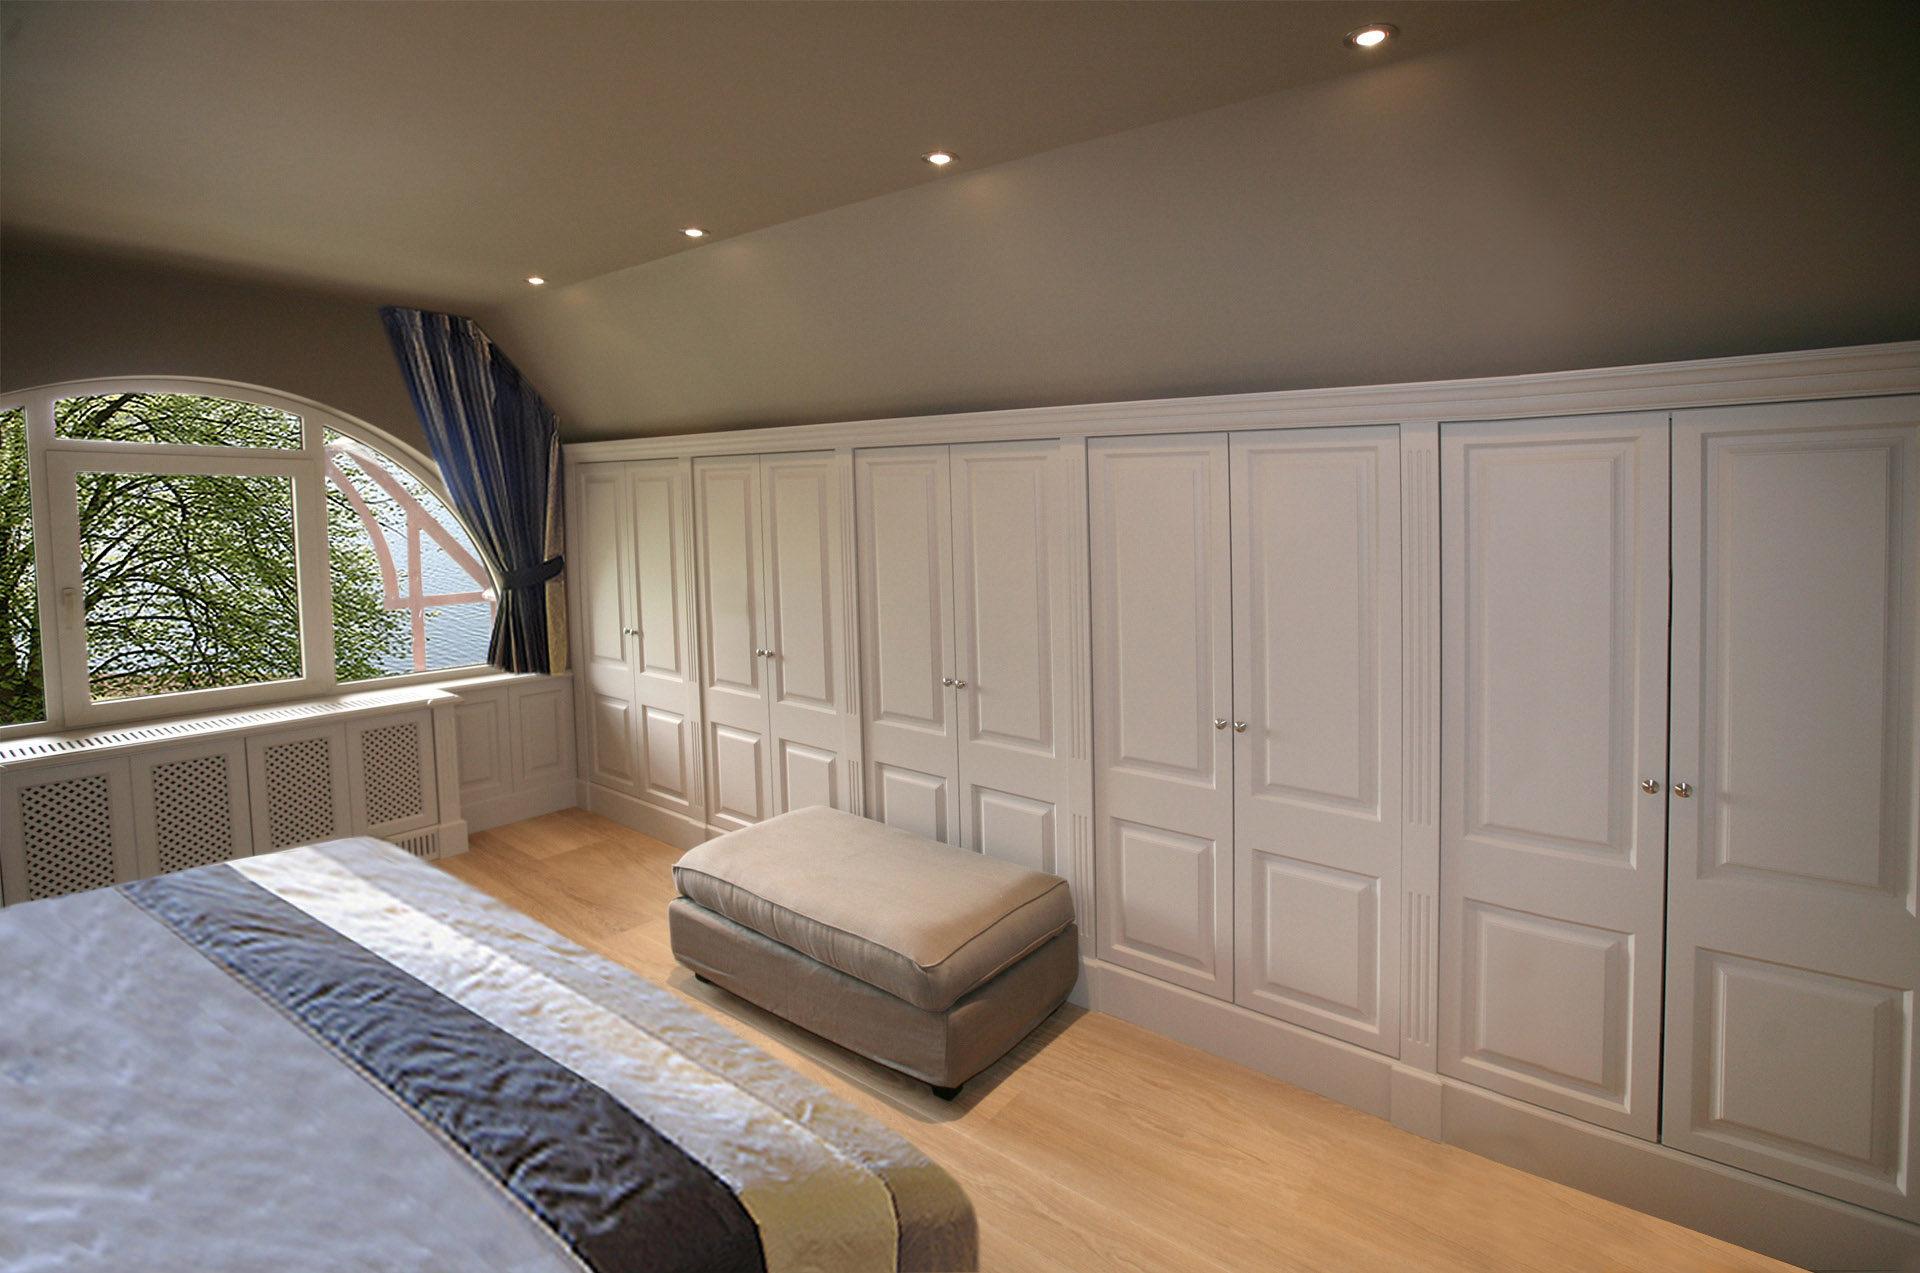 armoire sur mesure marcotte style. Black Bedroom Furniture Sets. Home Design Ideas